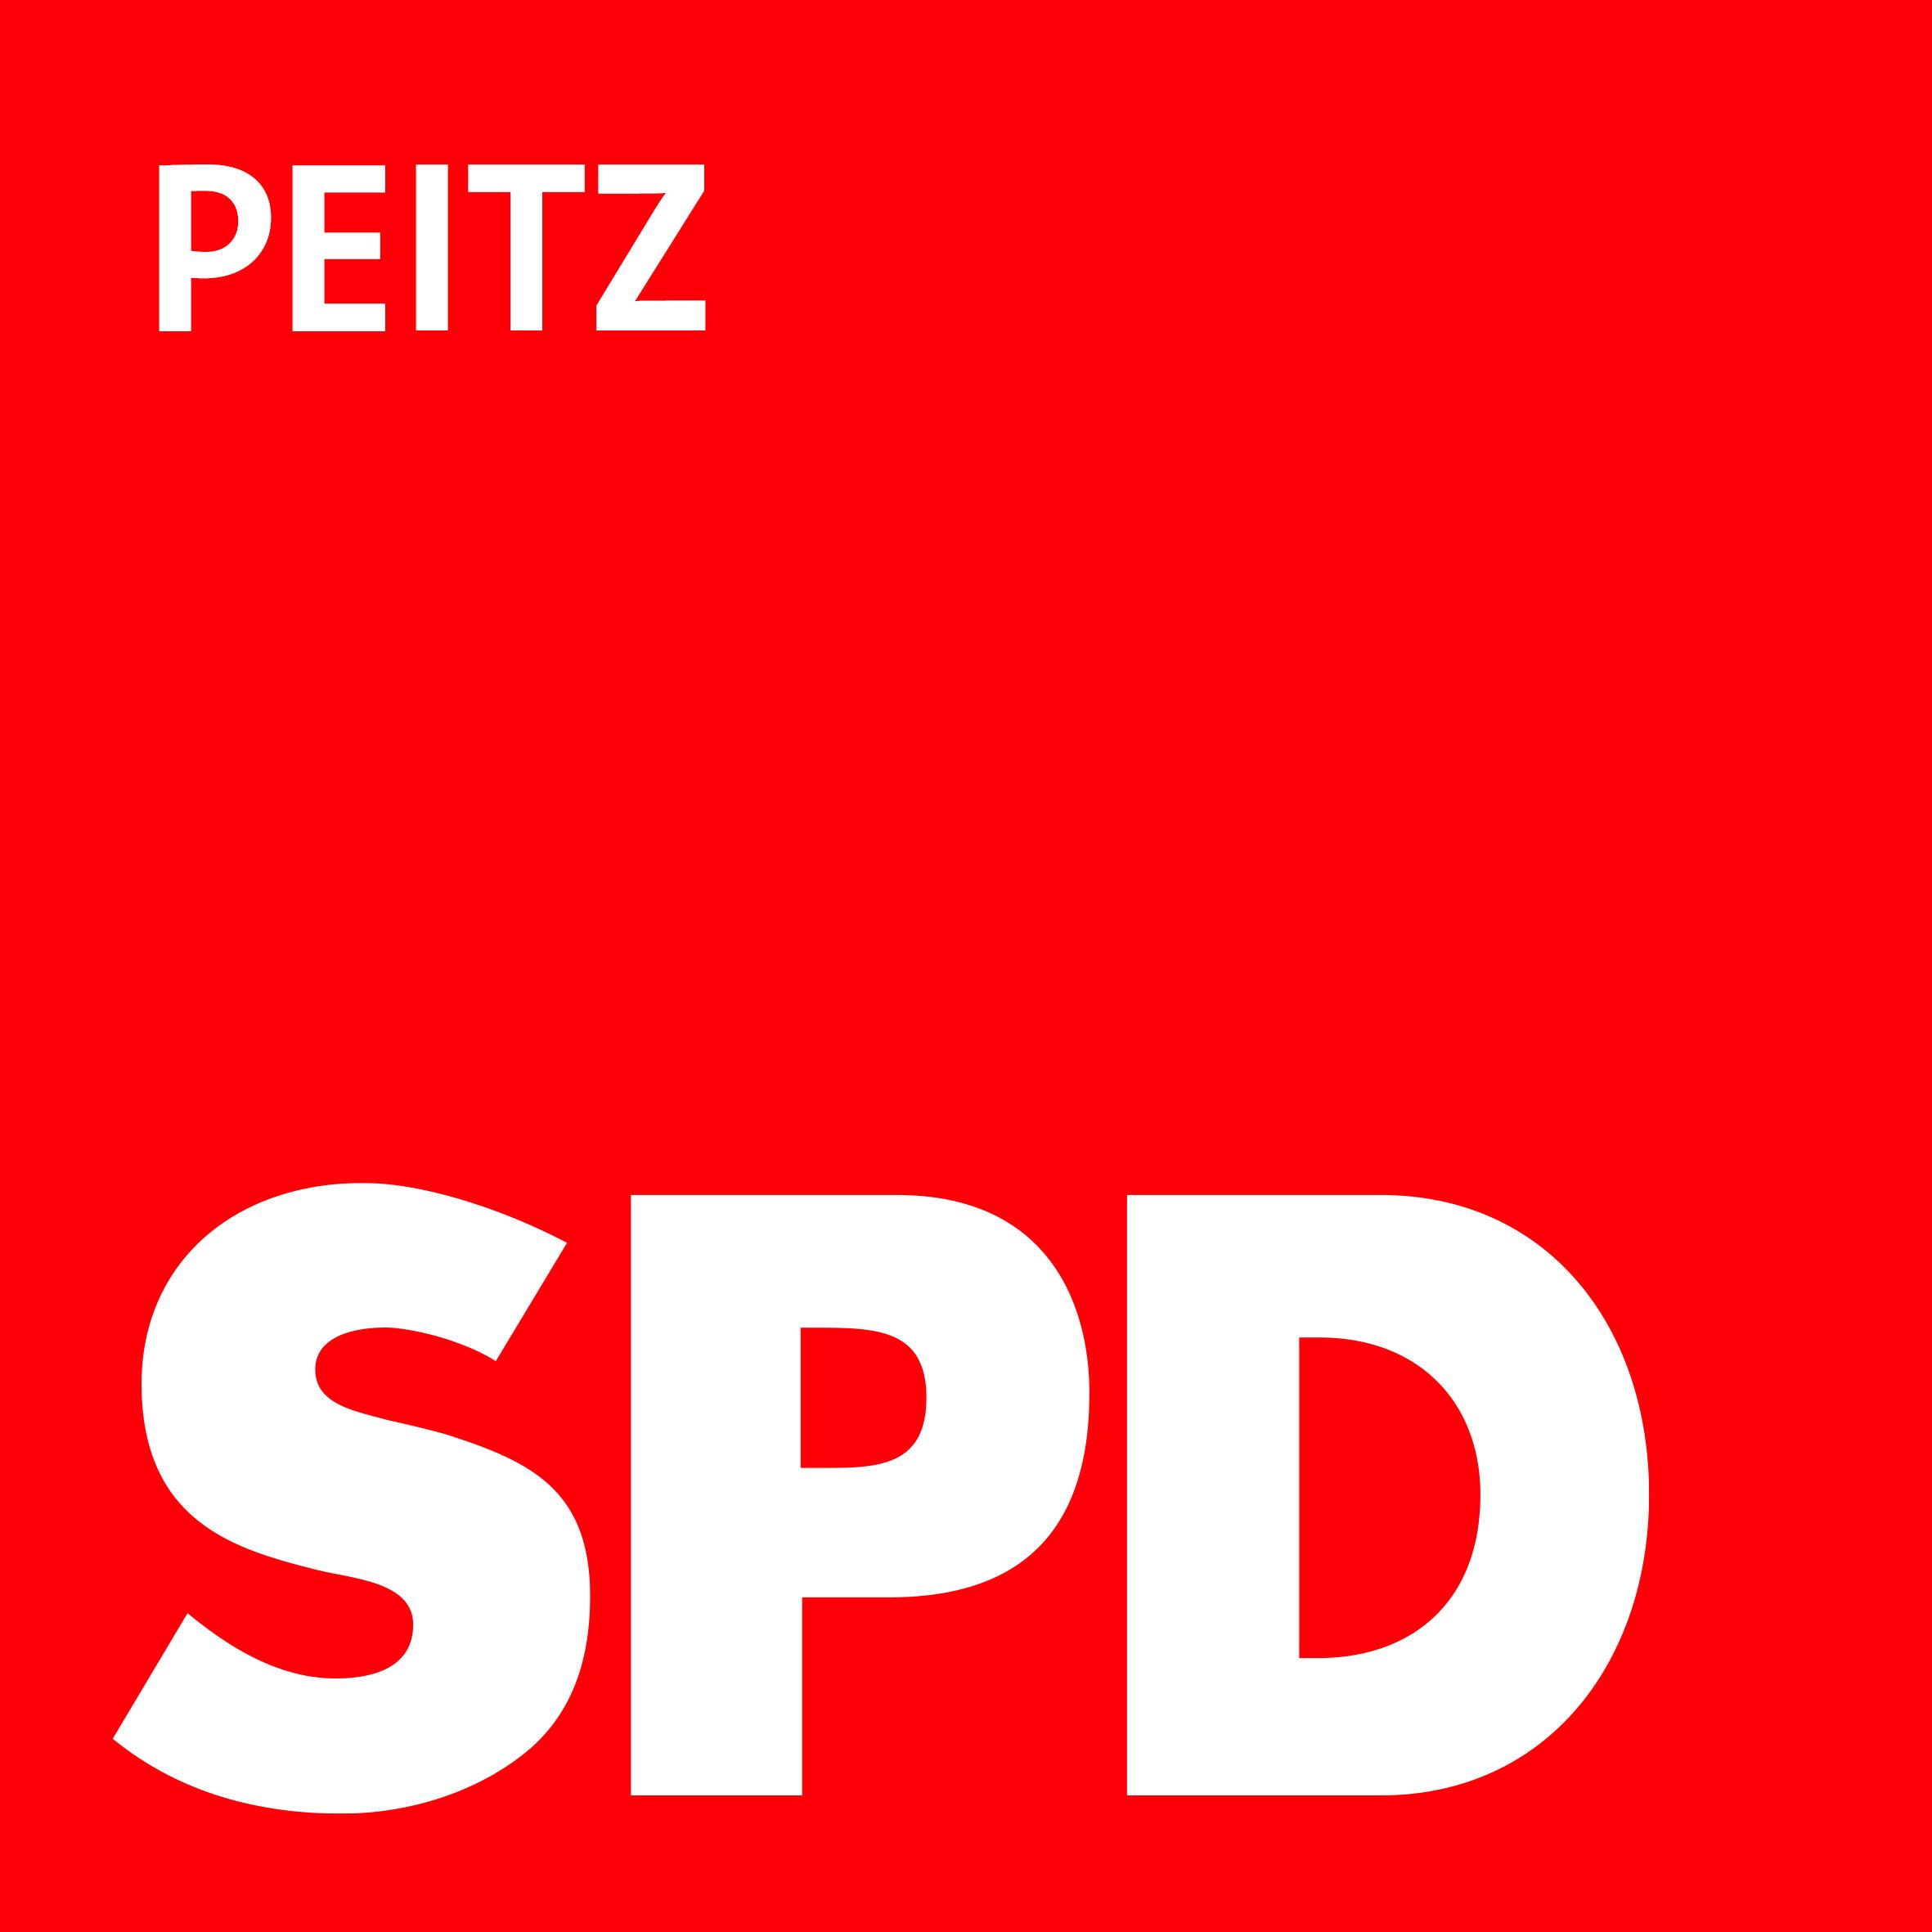 SPD Peitz